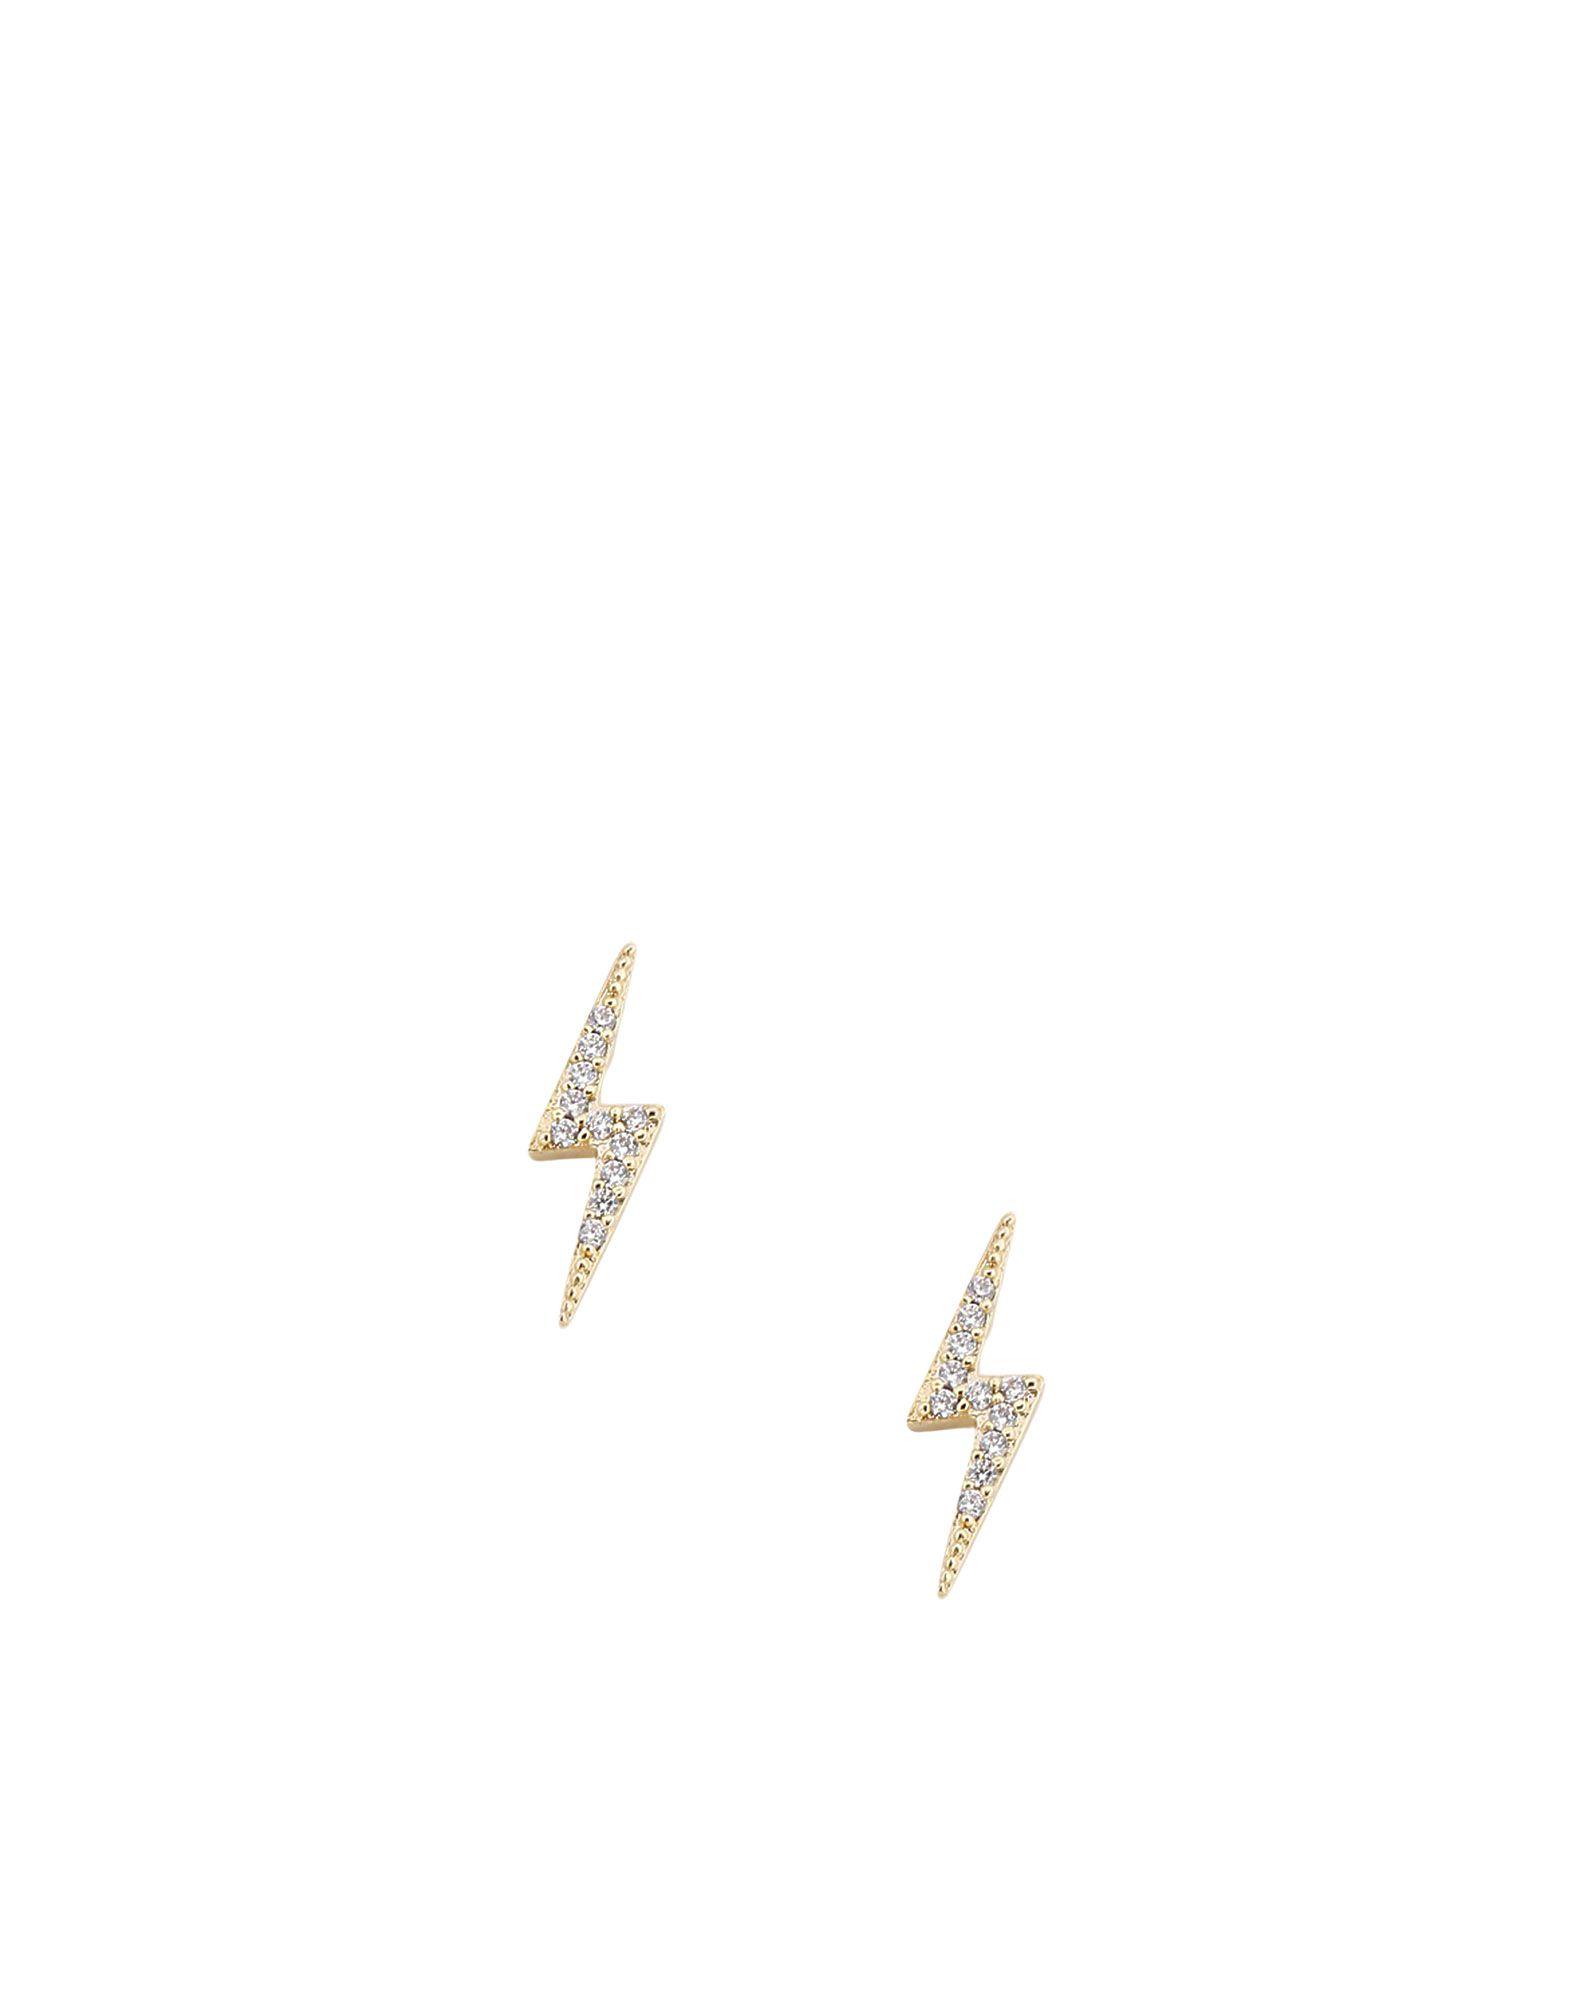 《送料無料》ESTELLA BARTLETT レディース イヤリング ゴールド 金属 / キュービックジルコニア